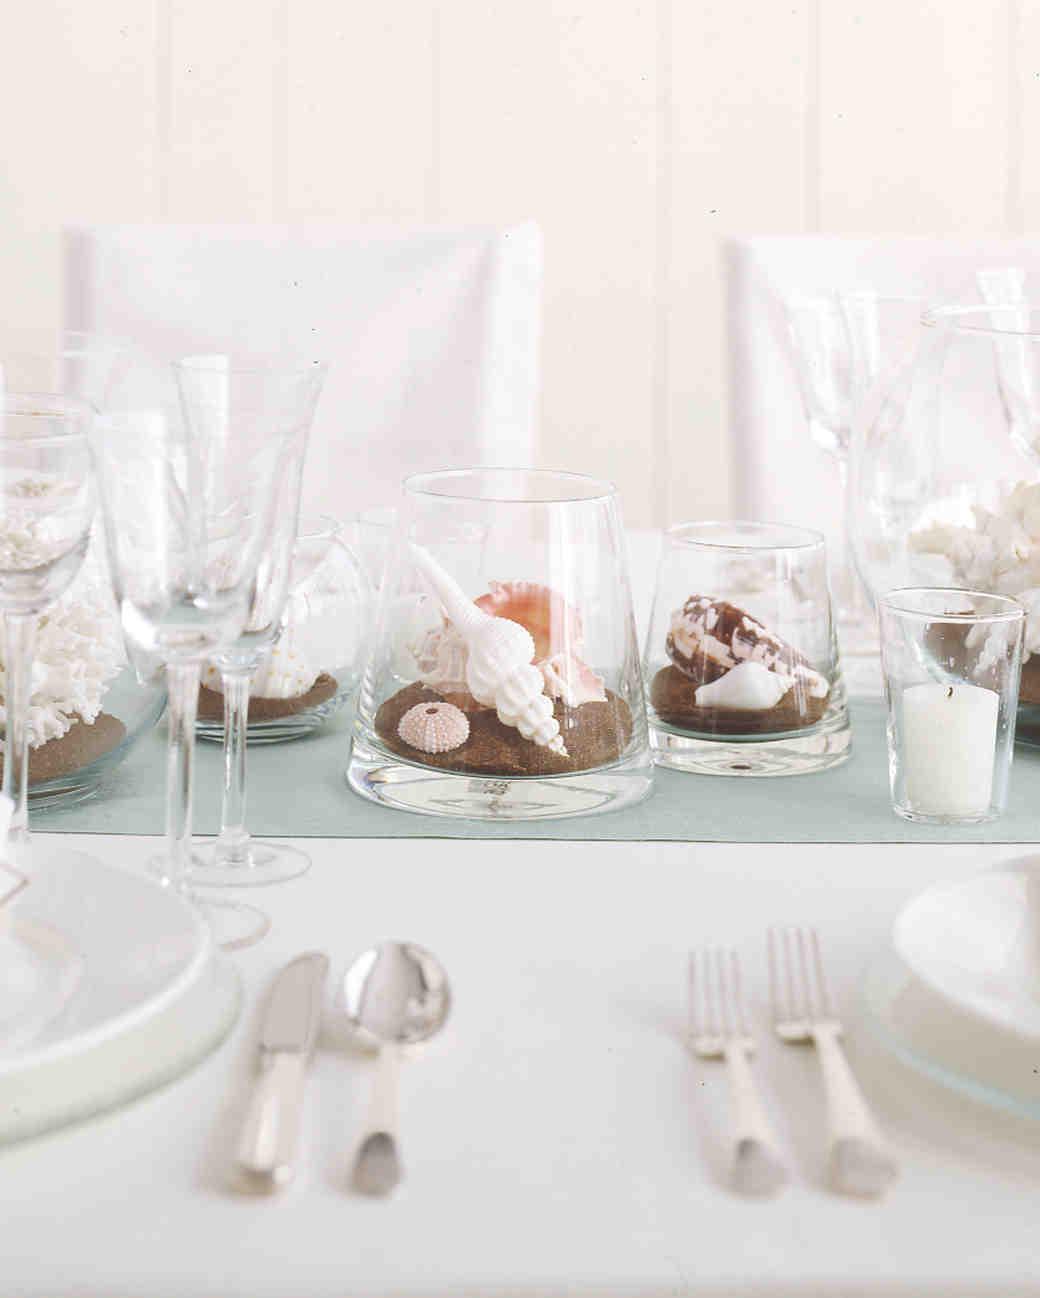 Beautiful 23 Beach Wedding Ideas You Can DIY To Make A Splash At Your Seaside Bash |  Martha Stewart Weddings